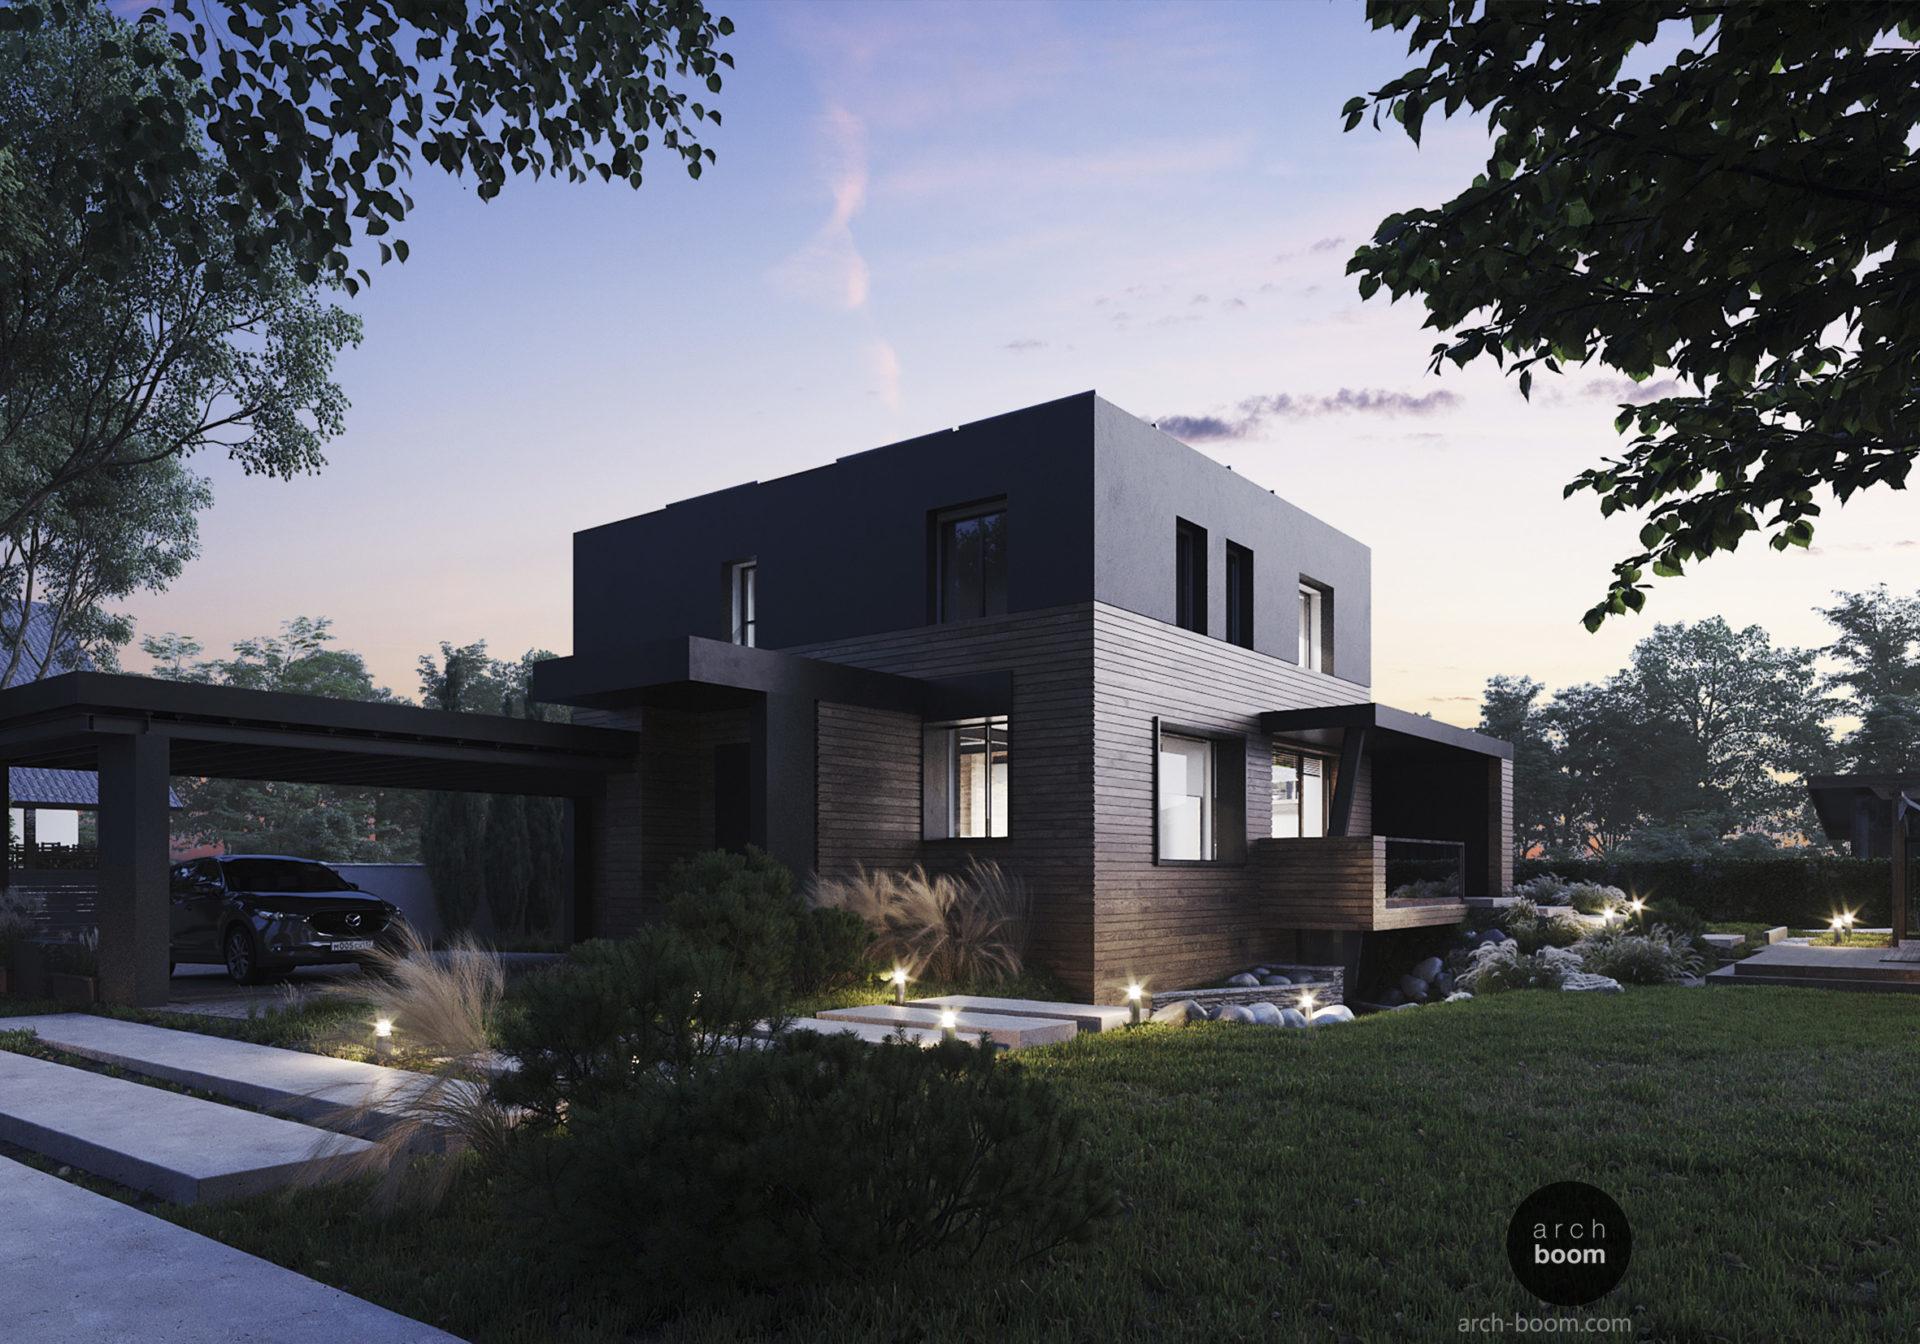 современный частный дом - дерево и графит, плоская крыша